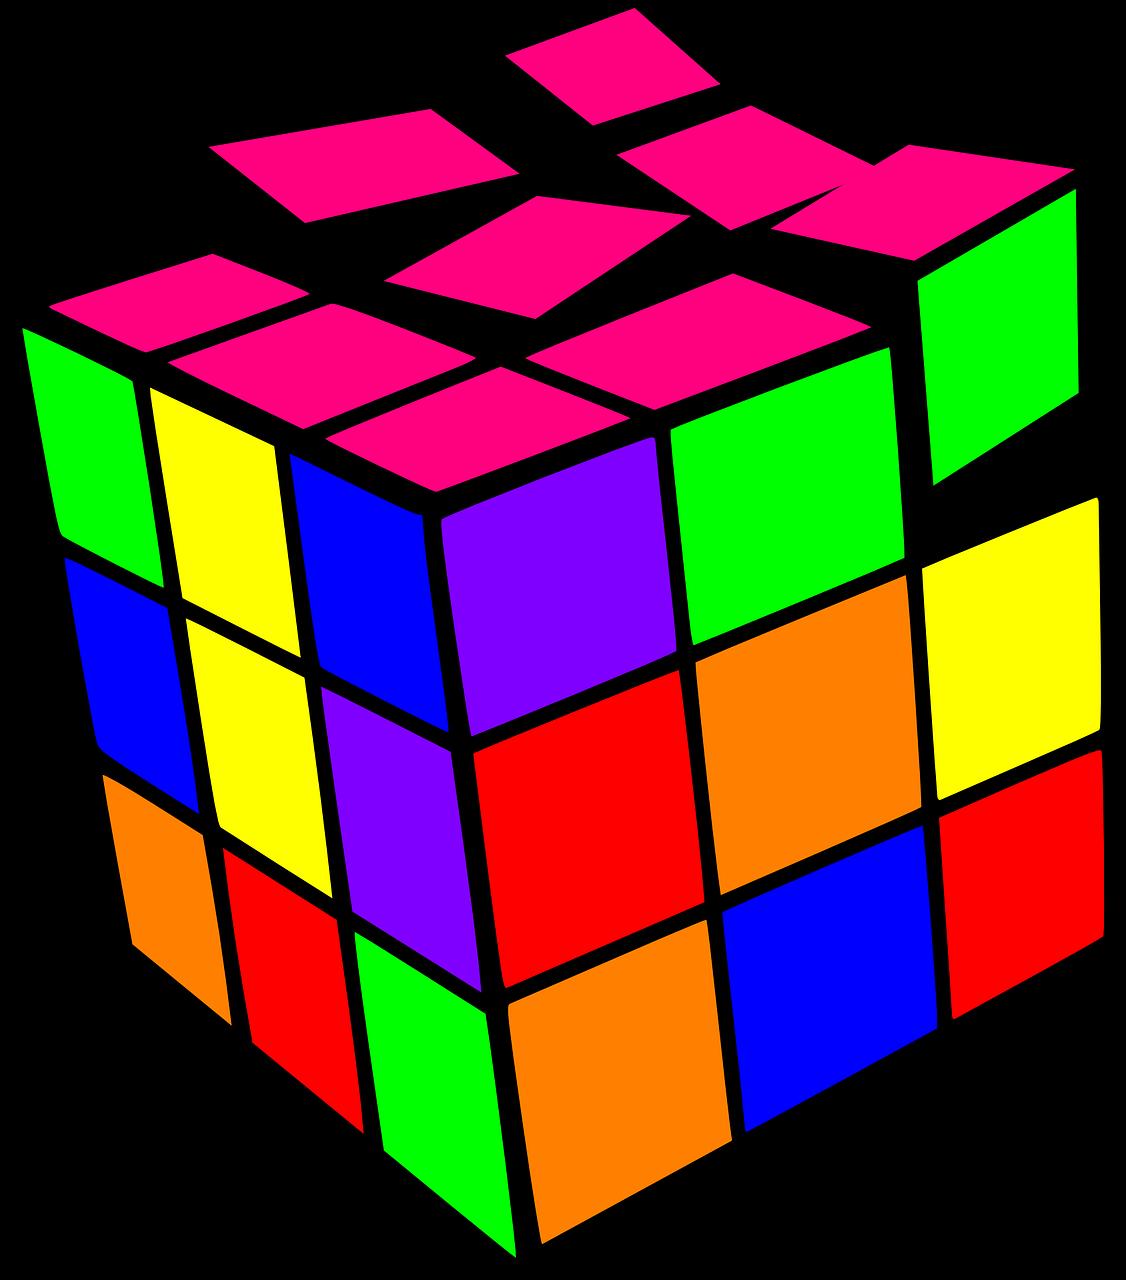 картинки кубиками рисовать тоже